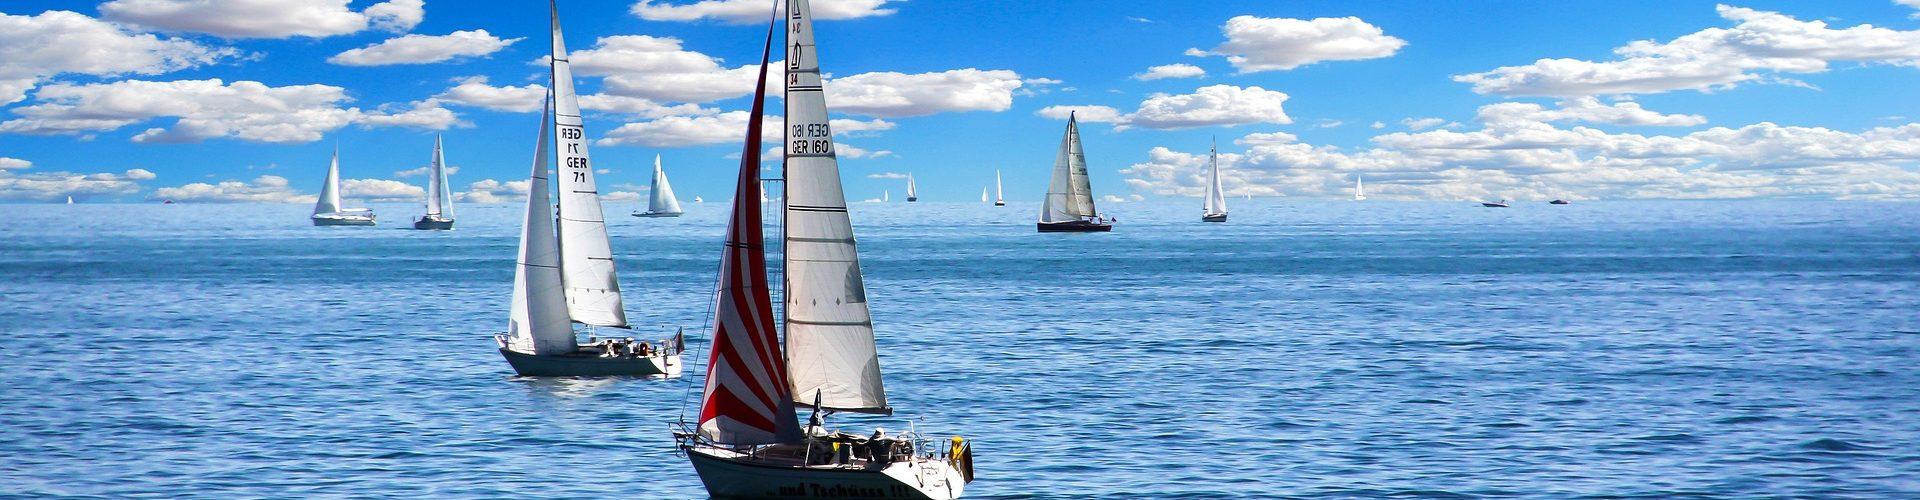 segeln lernen in Bargteheide segelschein machen in Bargteheide 1920x500 - Segeln lernen in Bargteheide